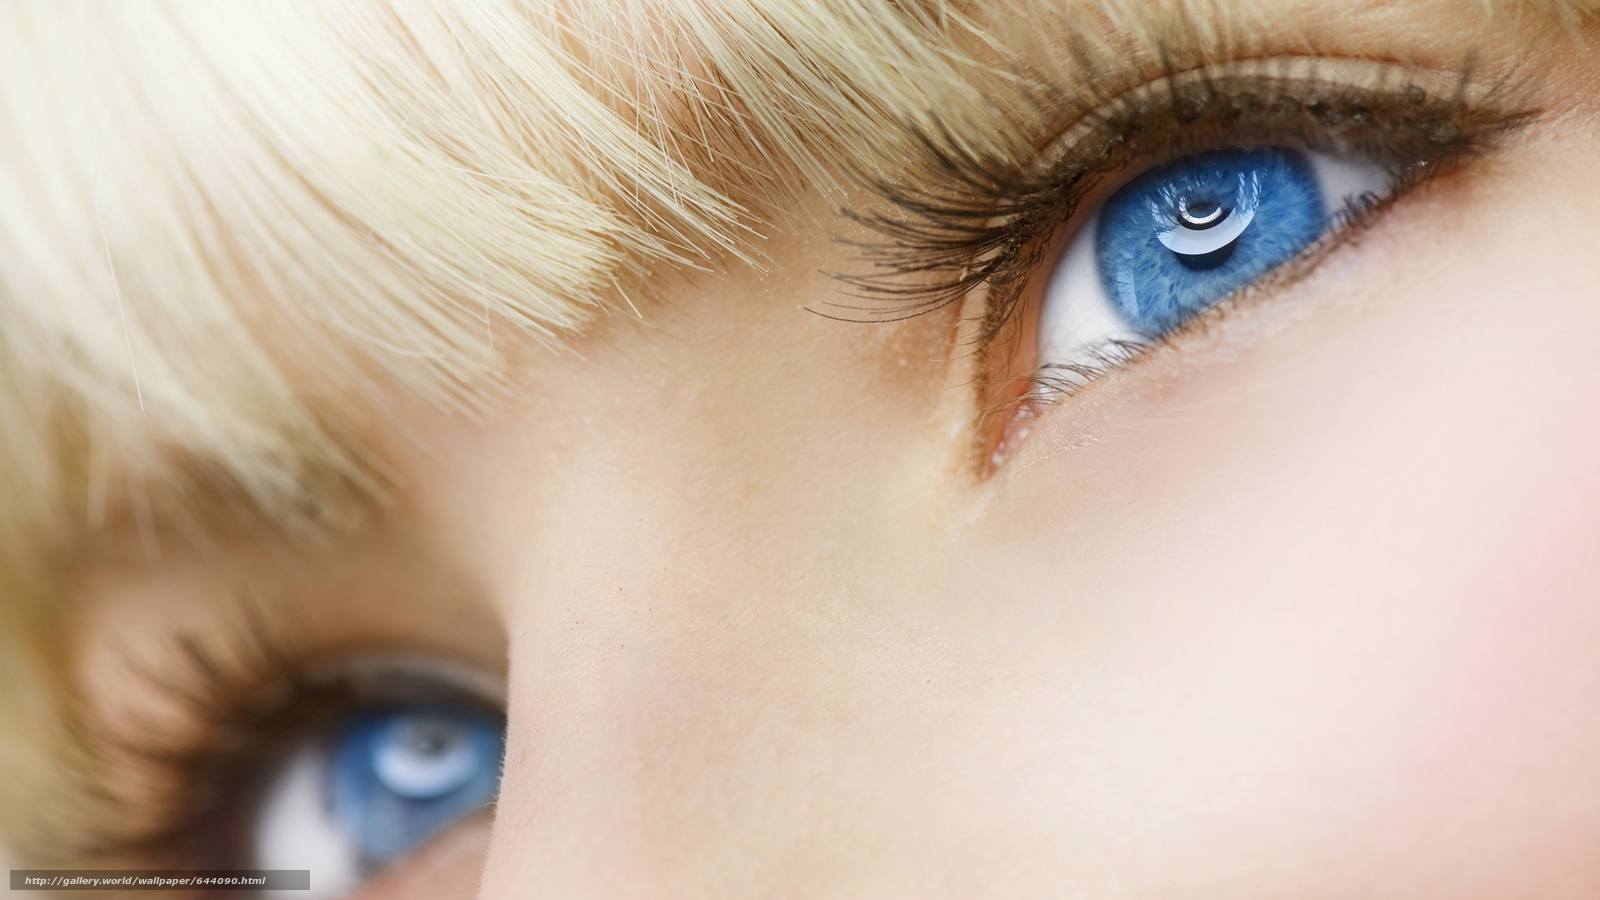 Скачать обои глаз,  глаза,  человеческие,  человек бесплатно для рабочего стола в разрешении 7680x4320 — картинка №644090